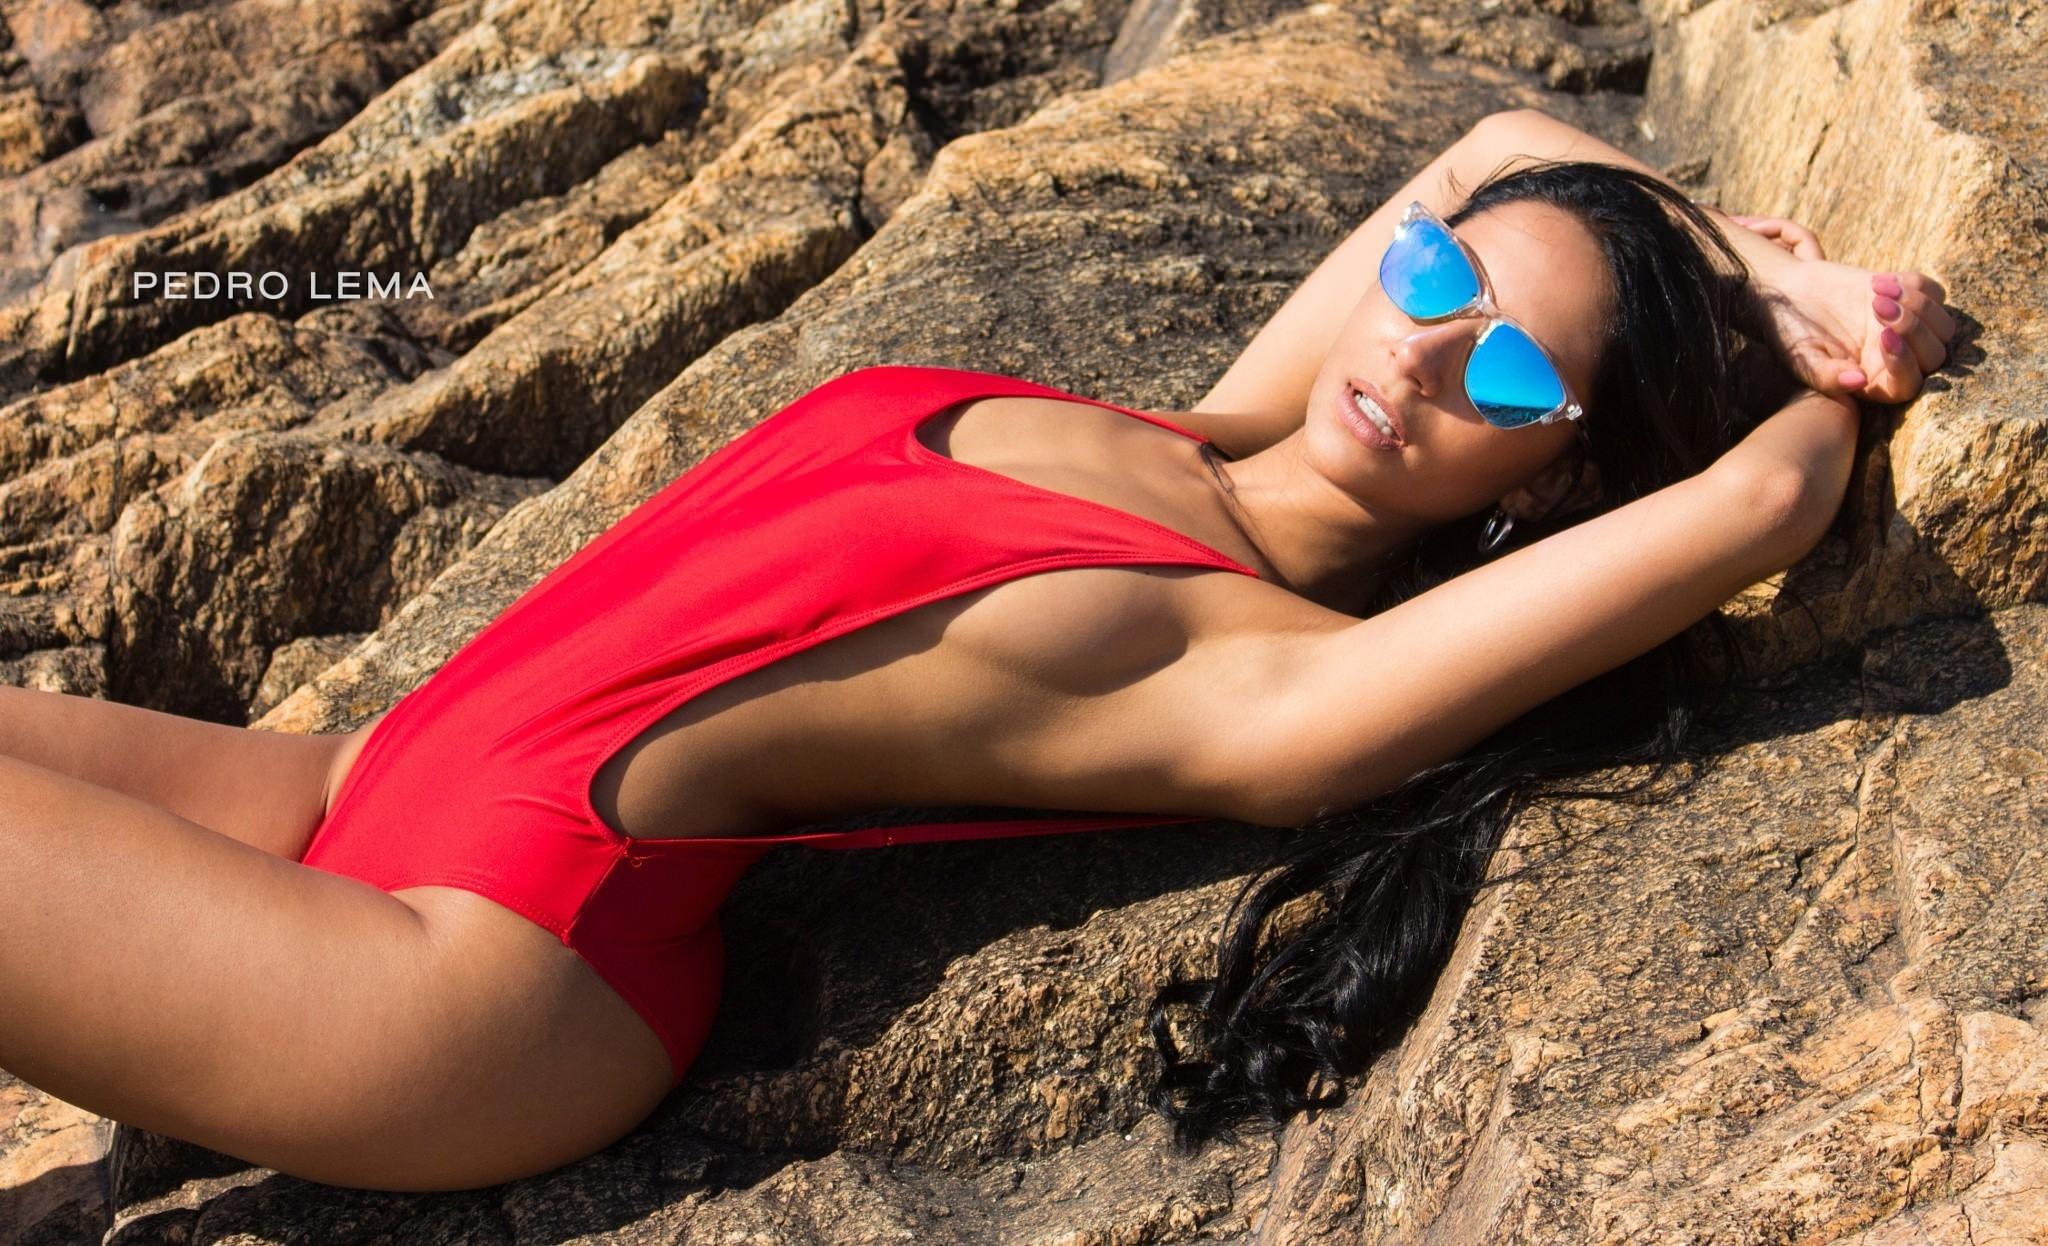 Фото Горячая брюнетка в красном купальнике, шикарная фигура, очки, камни, Pedro Lema, скачать картинку бесплатно